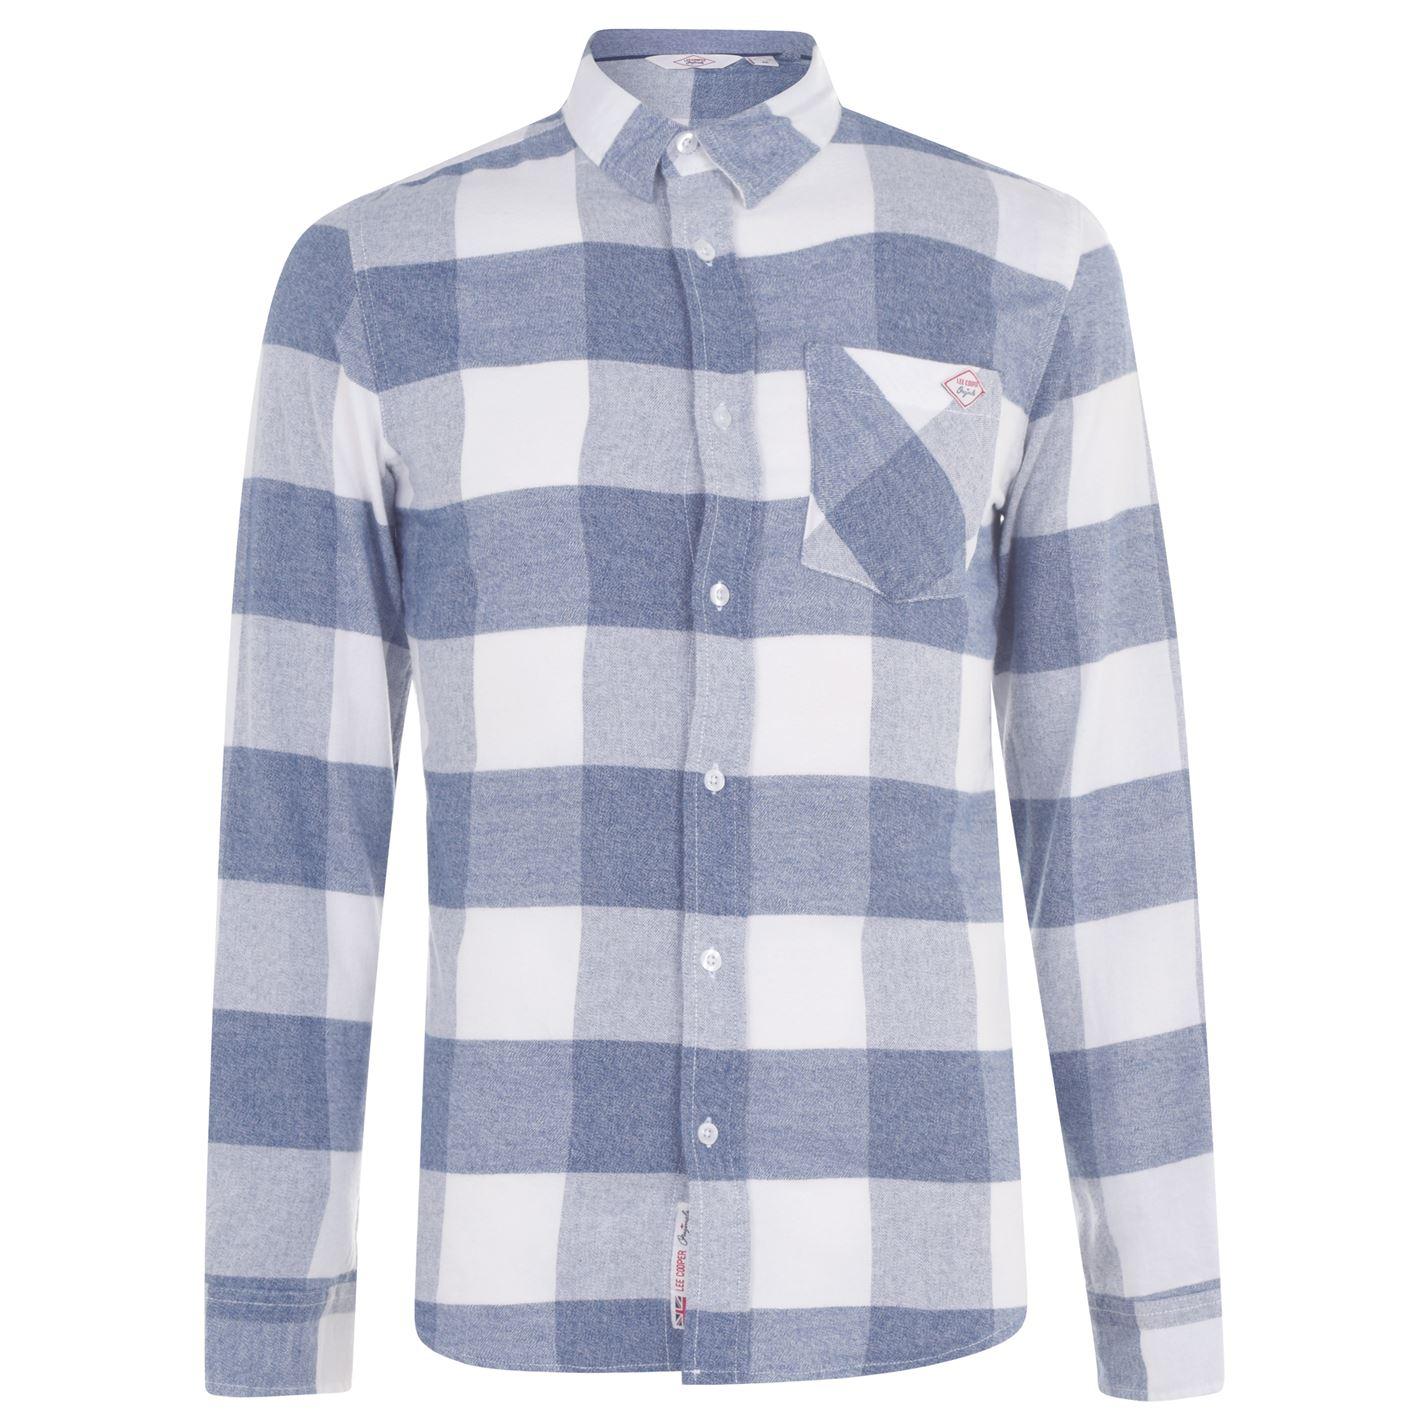 Lee Cooper Soft Pánská košile 56197302 SD_Large